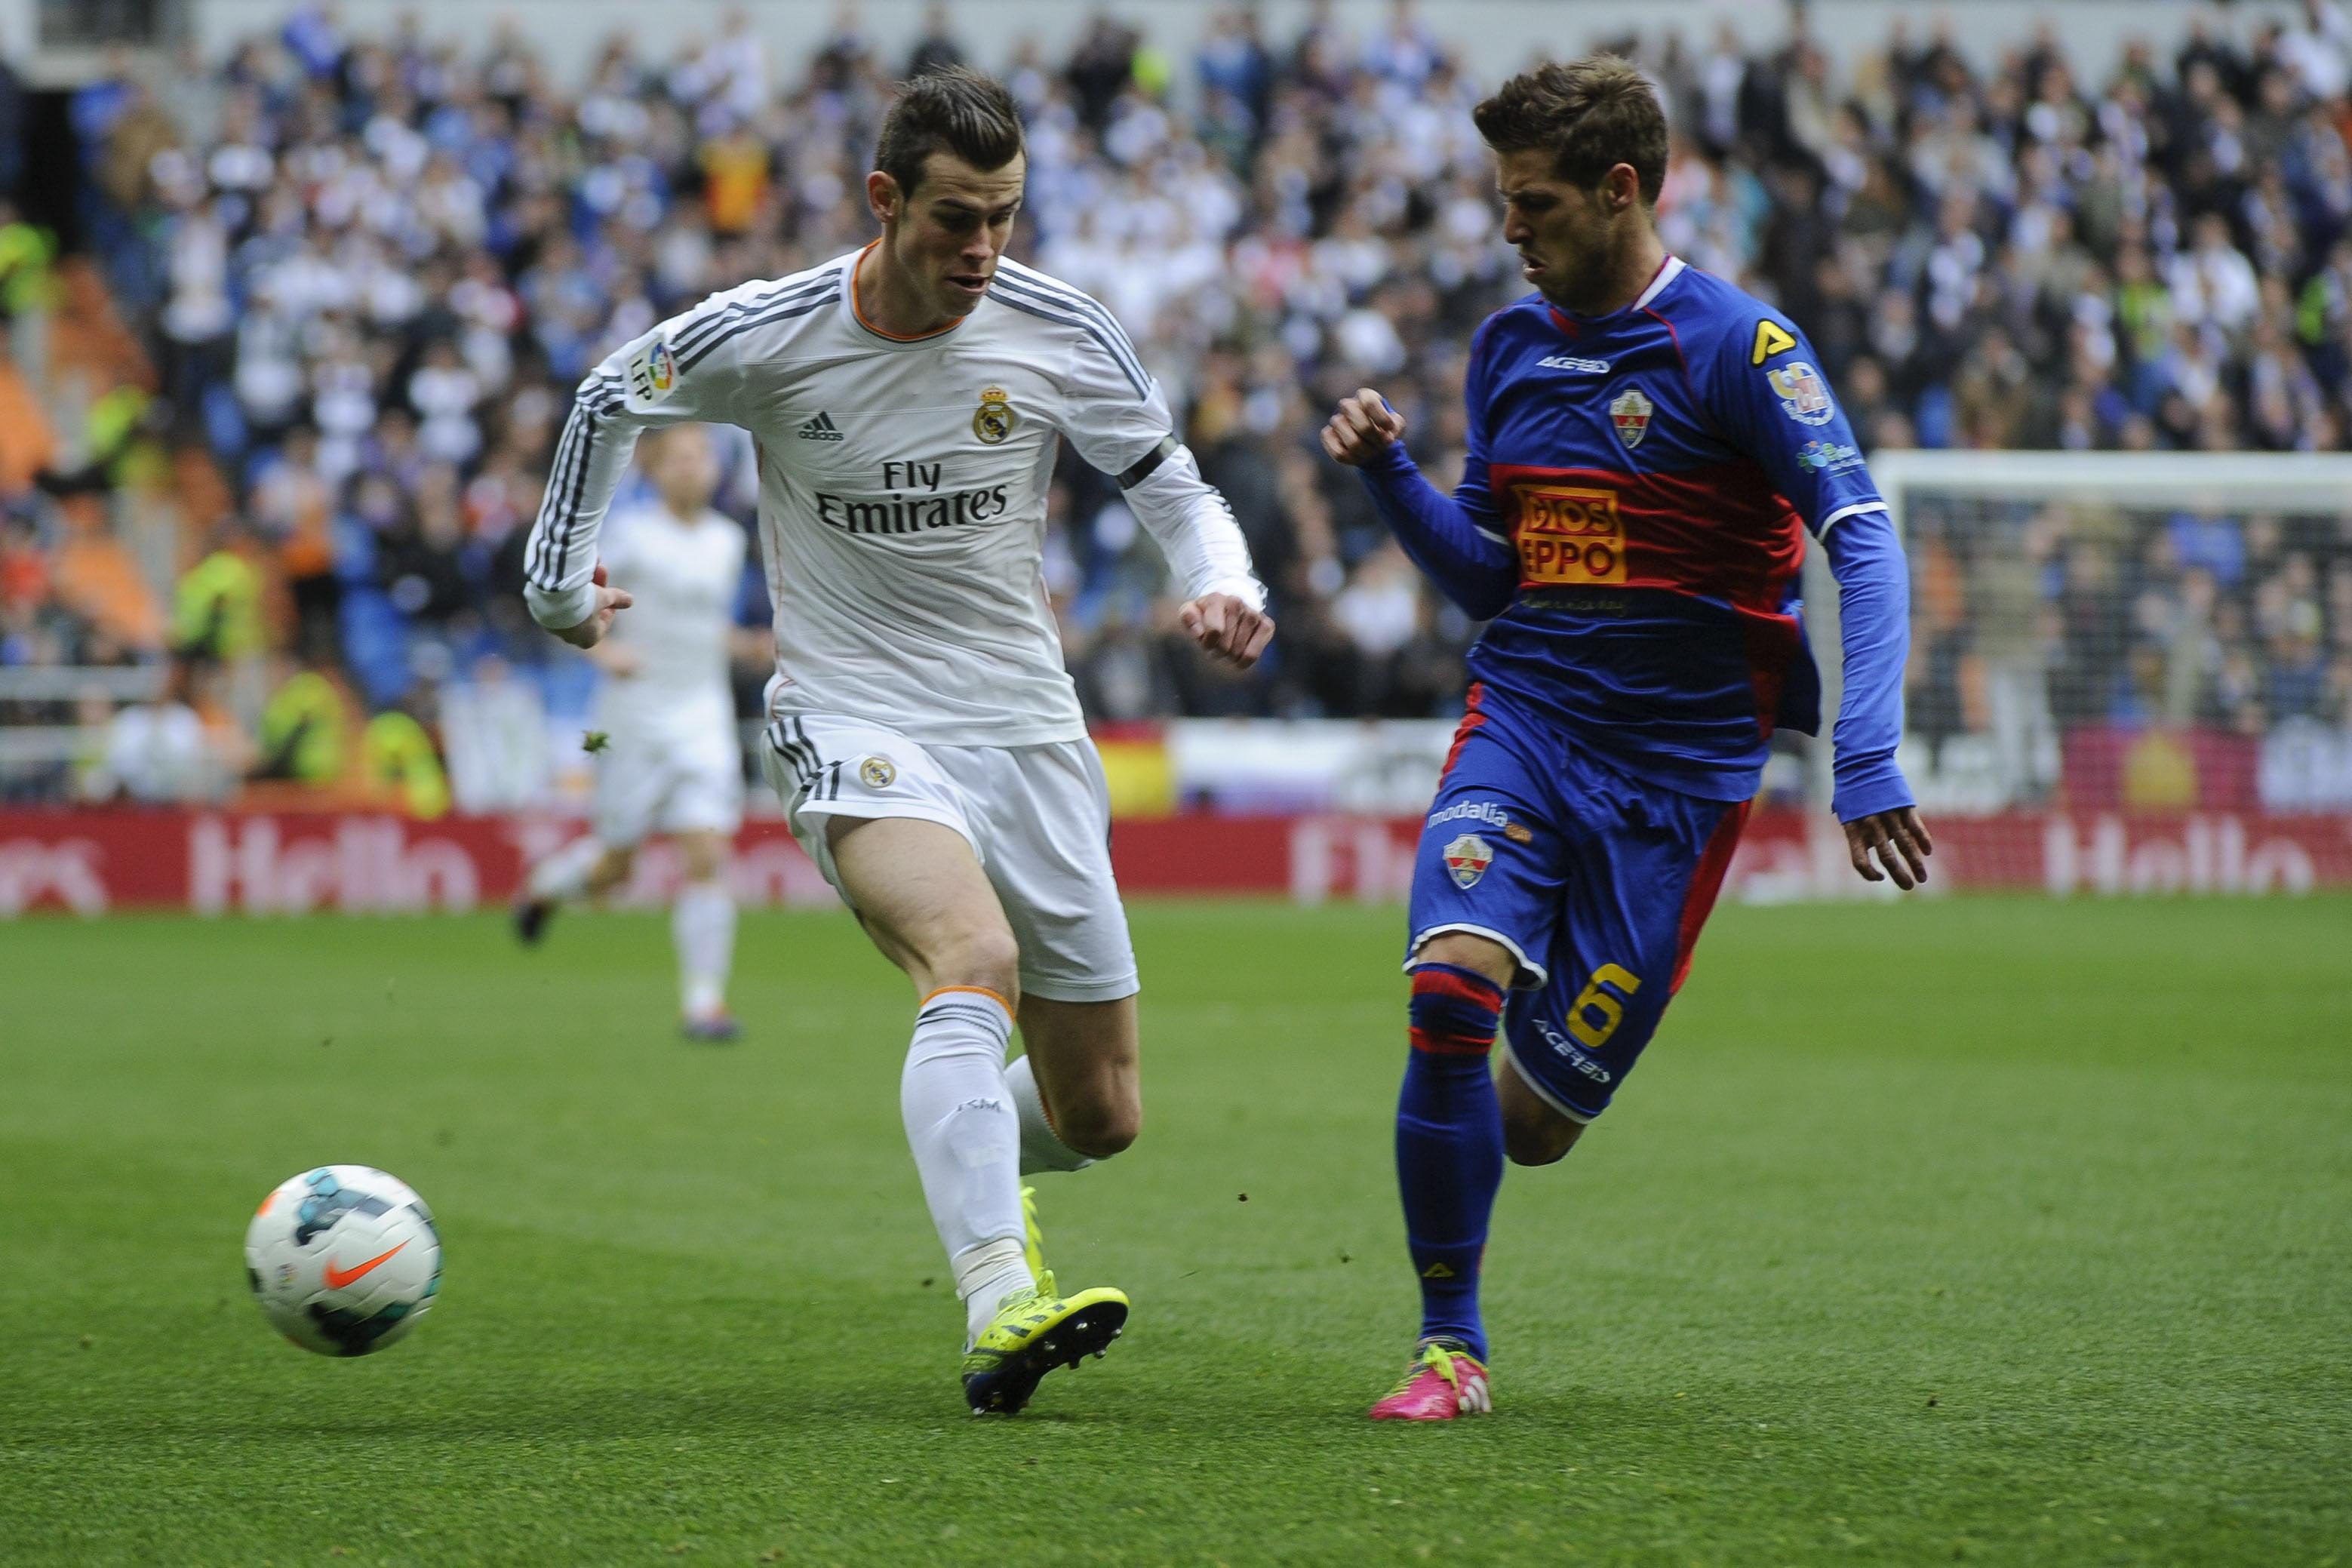 Imágenes del Real Madrid-Elche disputado en el Bernabéu